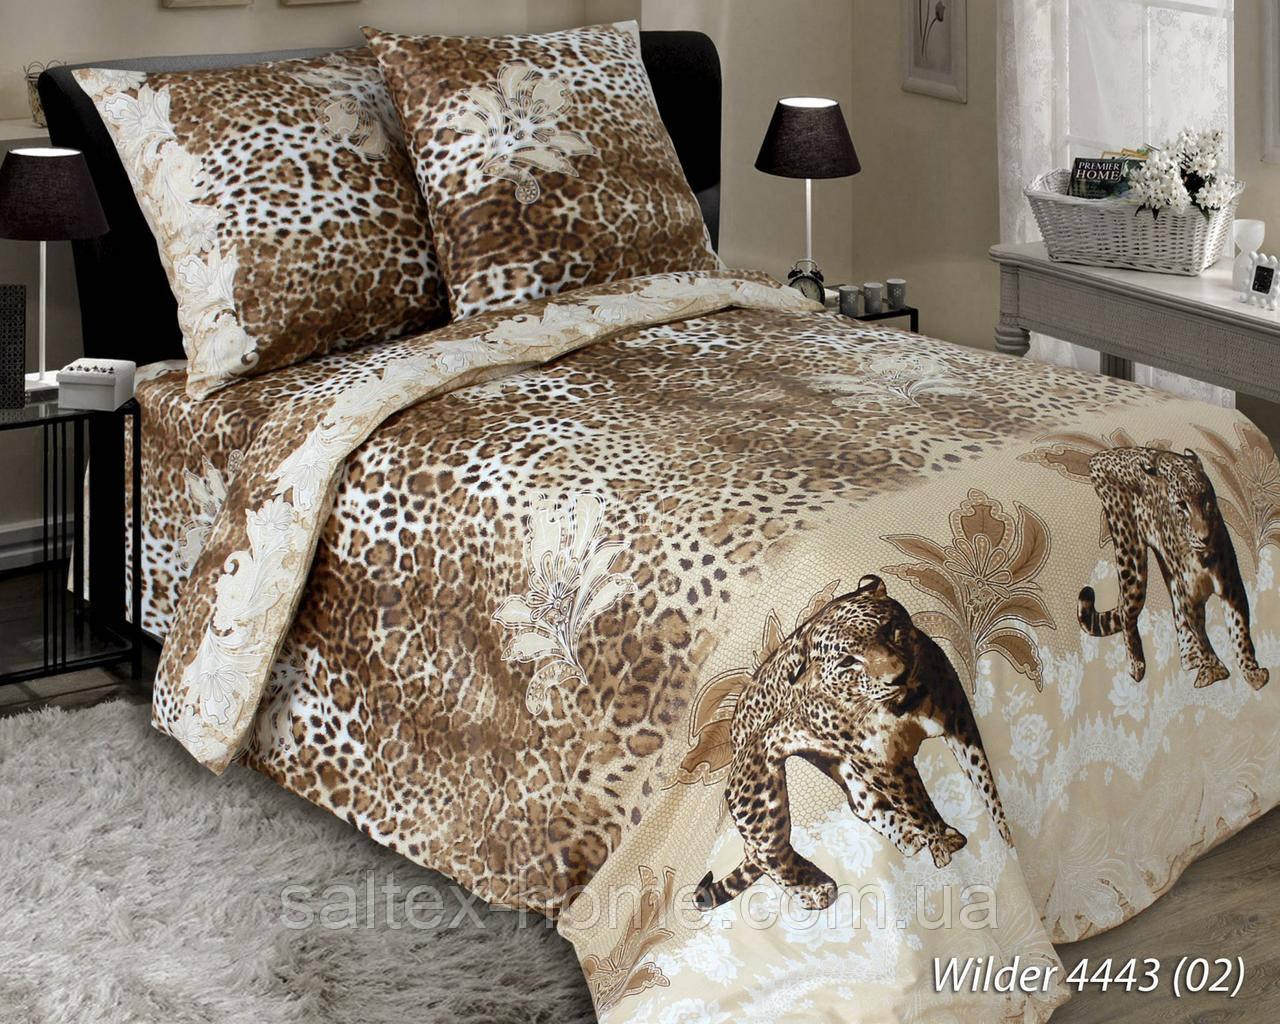 Ткань бязь для постельного белья набивная, WILDER